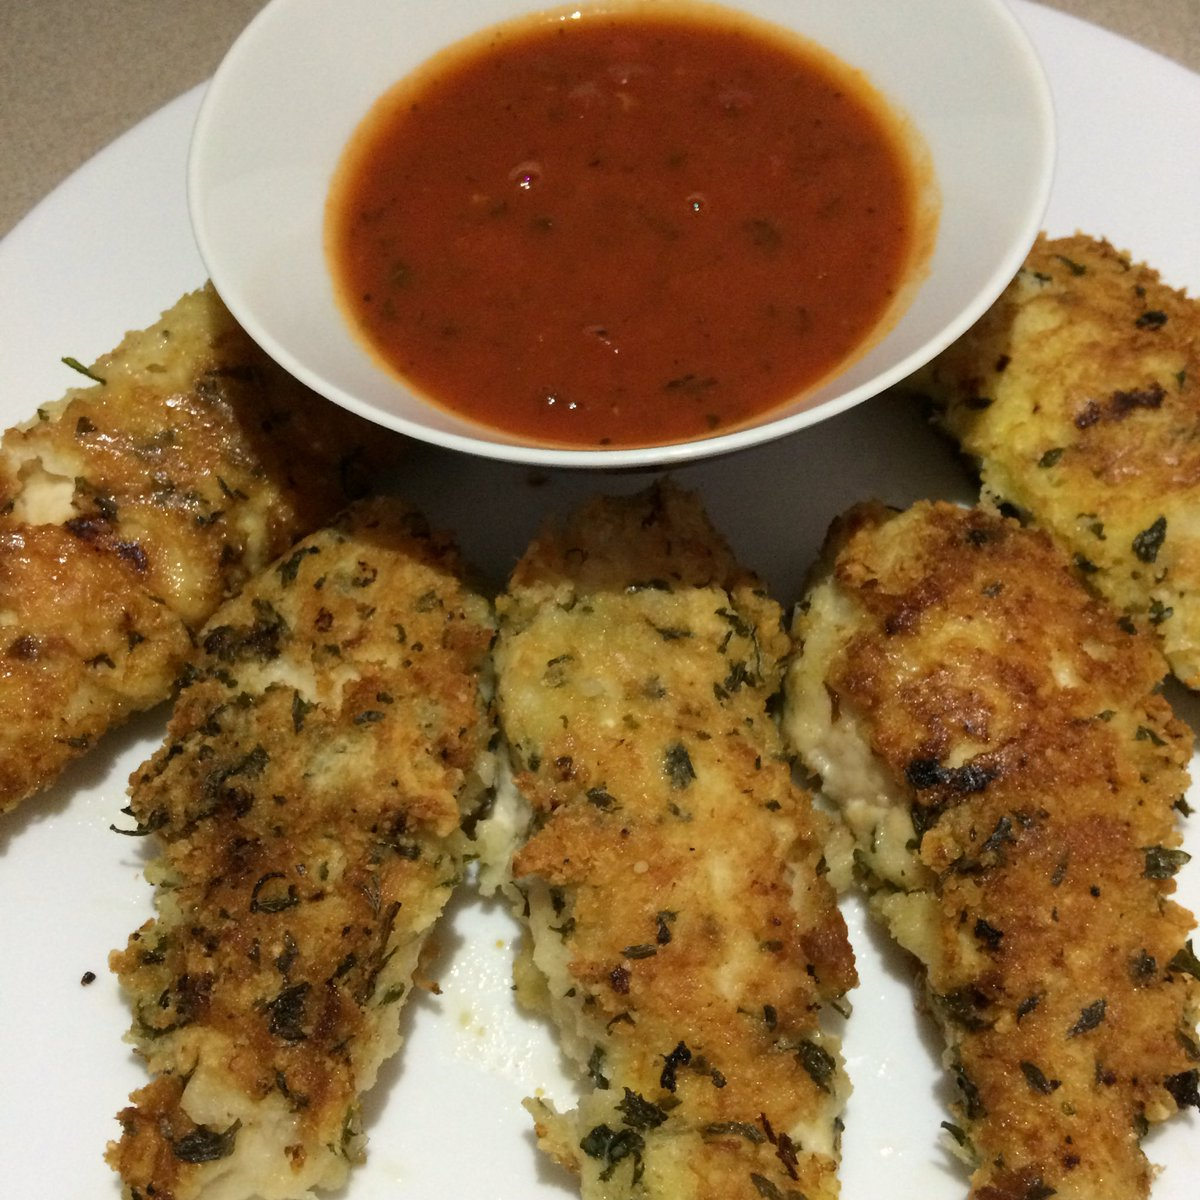 Panko Parmesan Chicken Tenders https://t.co/lBML1k1aVf #recipe https://t.co/fc3cZ7aYj0